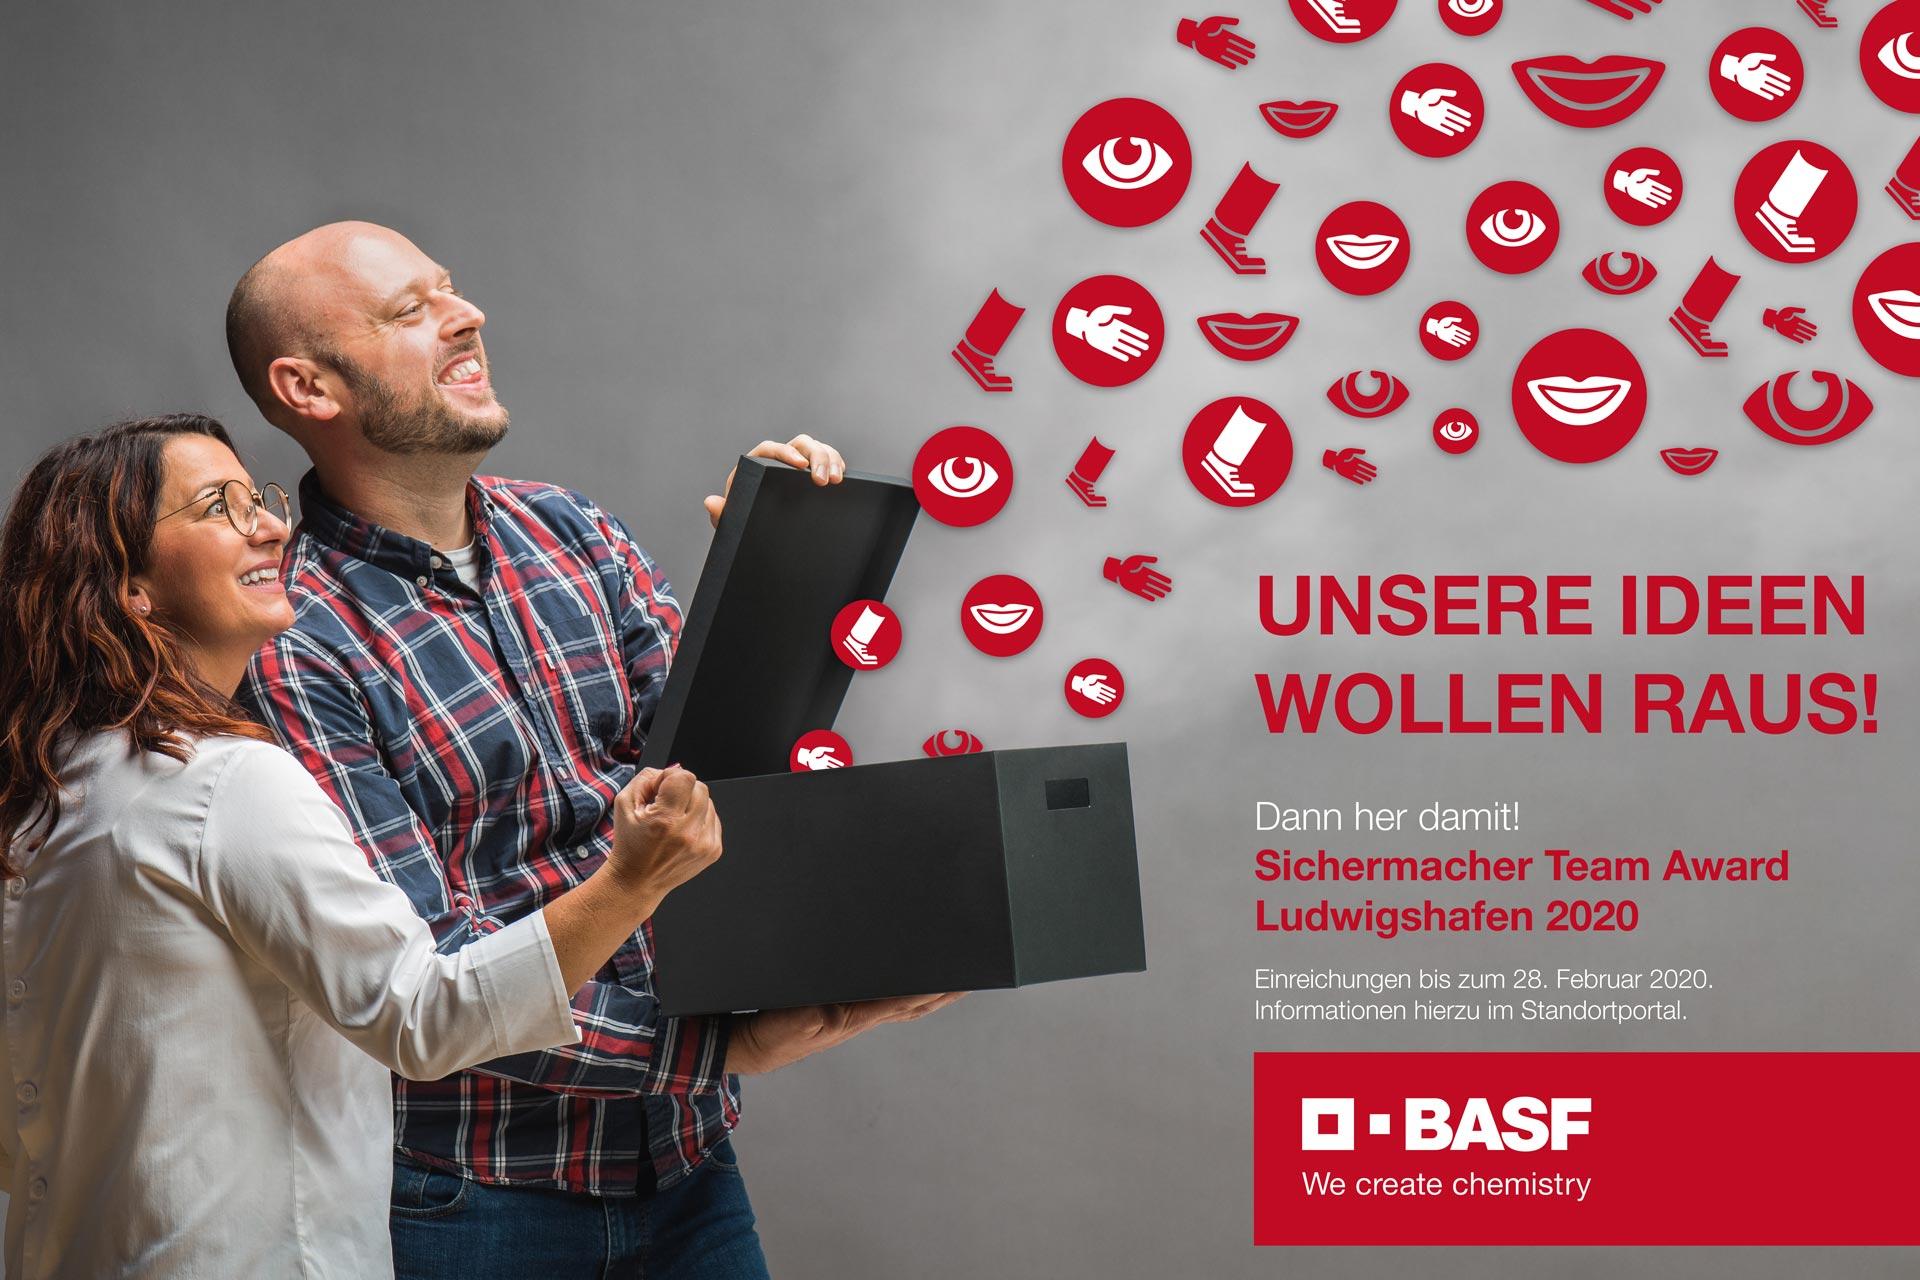 Agentur Ressmann | BASF Globale Sicherheitstage 2020